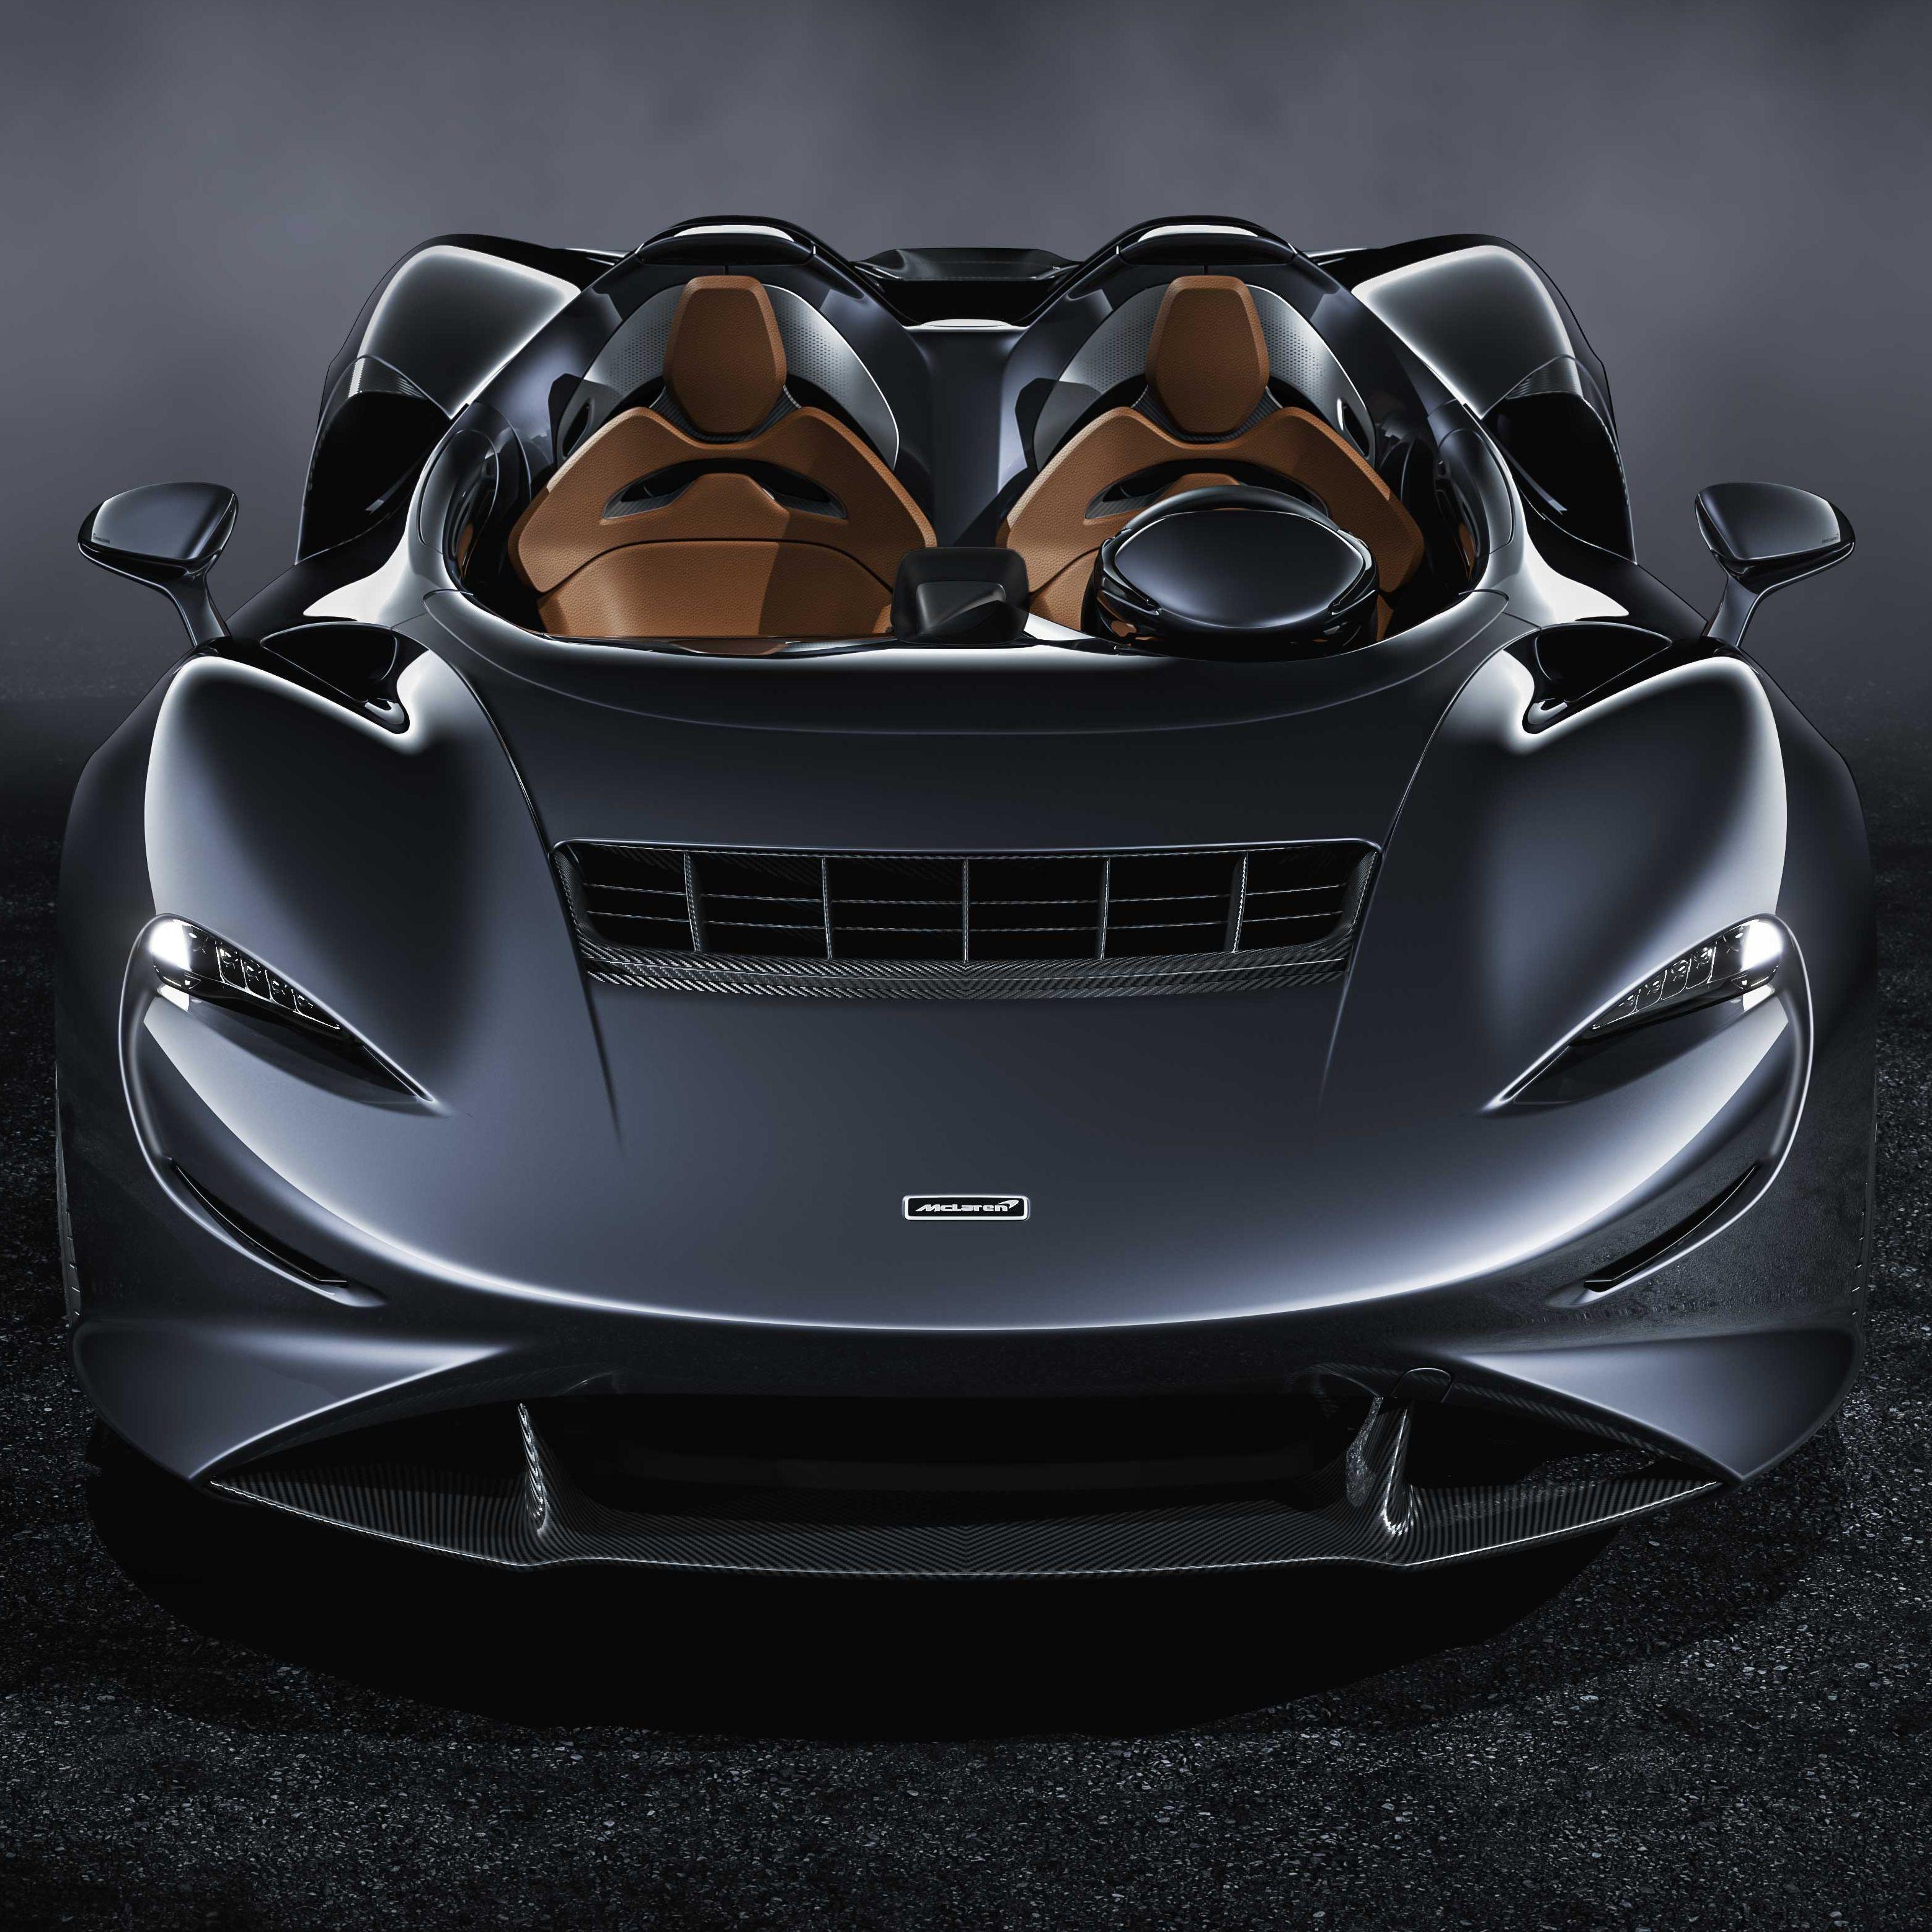 完美體現 McLaren 領先世代的開創精神!全新 McLaren Elva 限量 399 台,迷人且獨特的沉浸式駕馭體驗